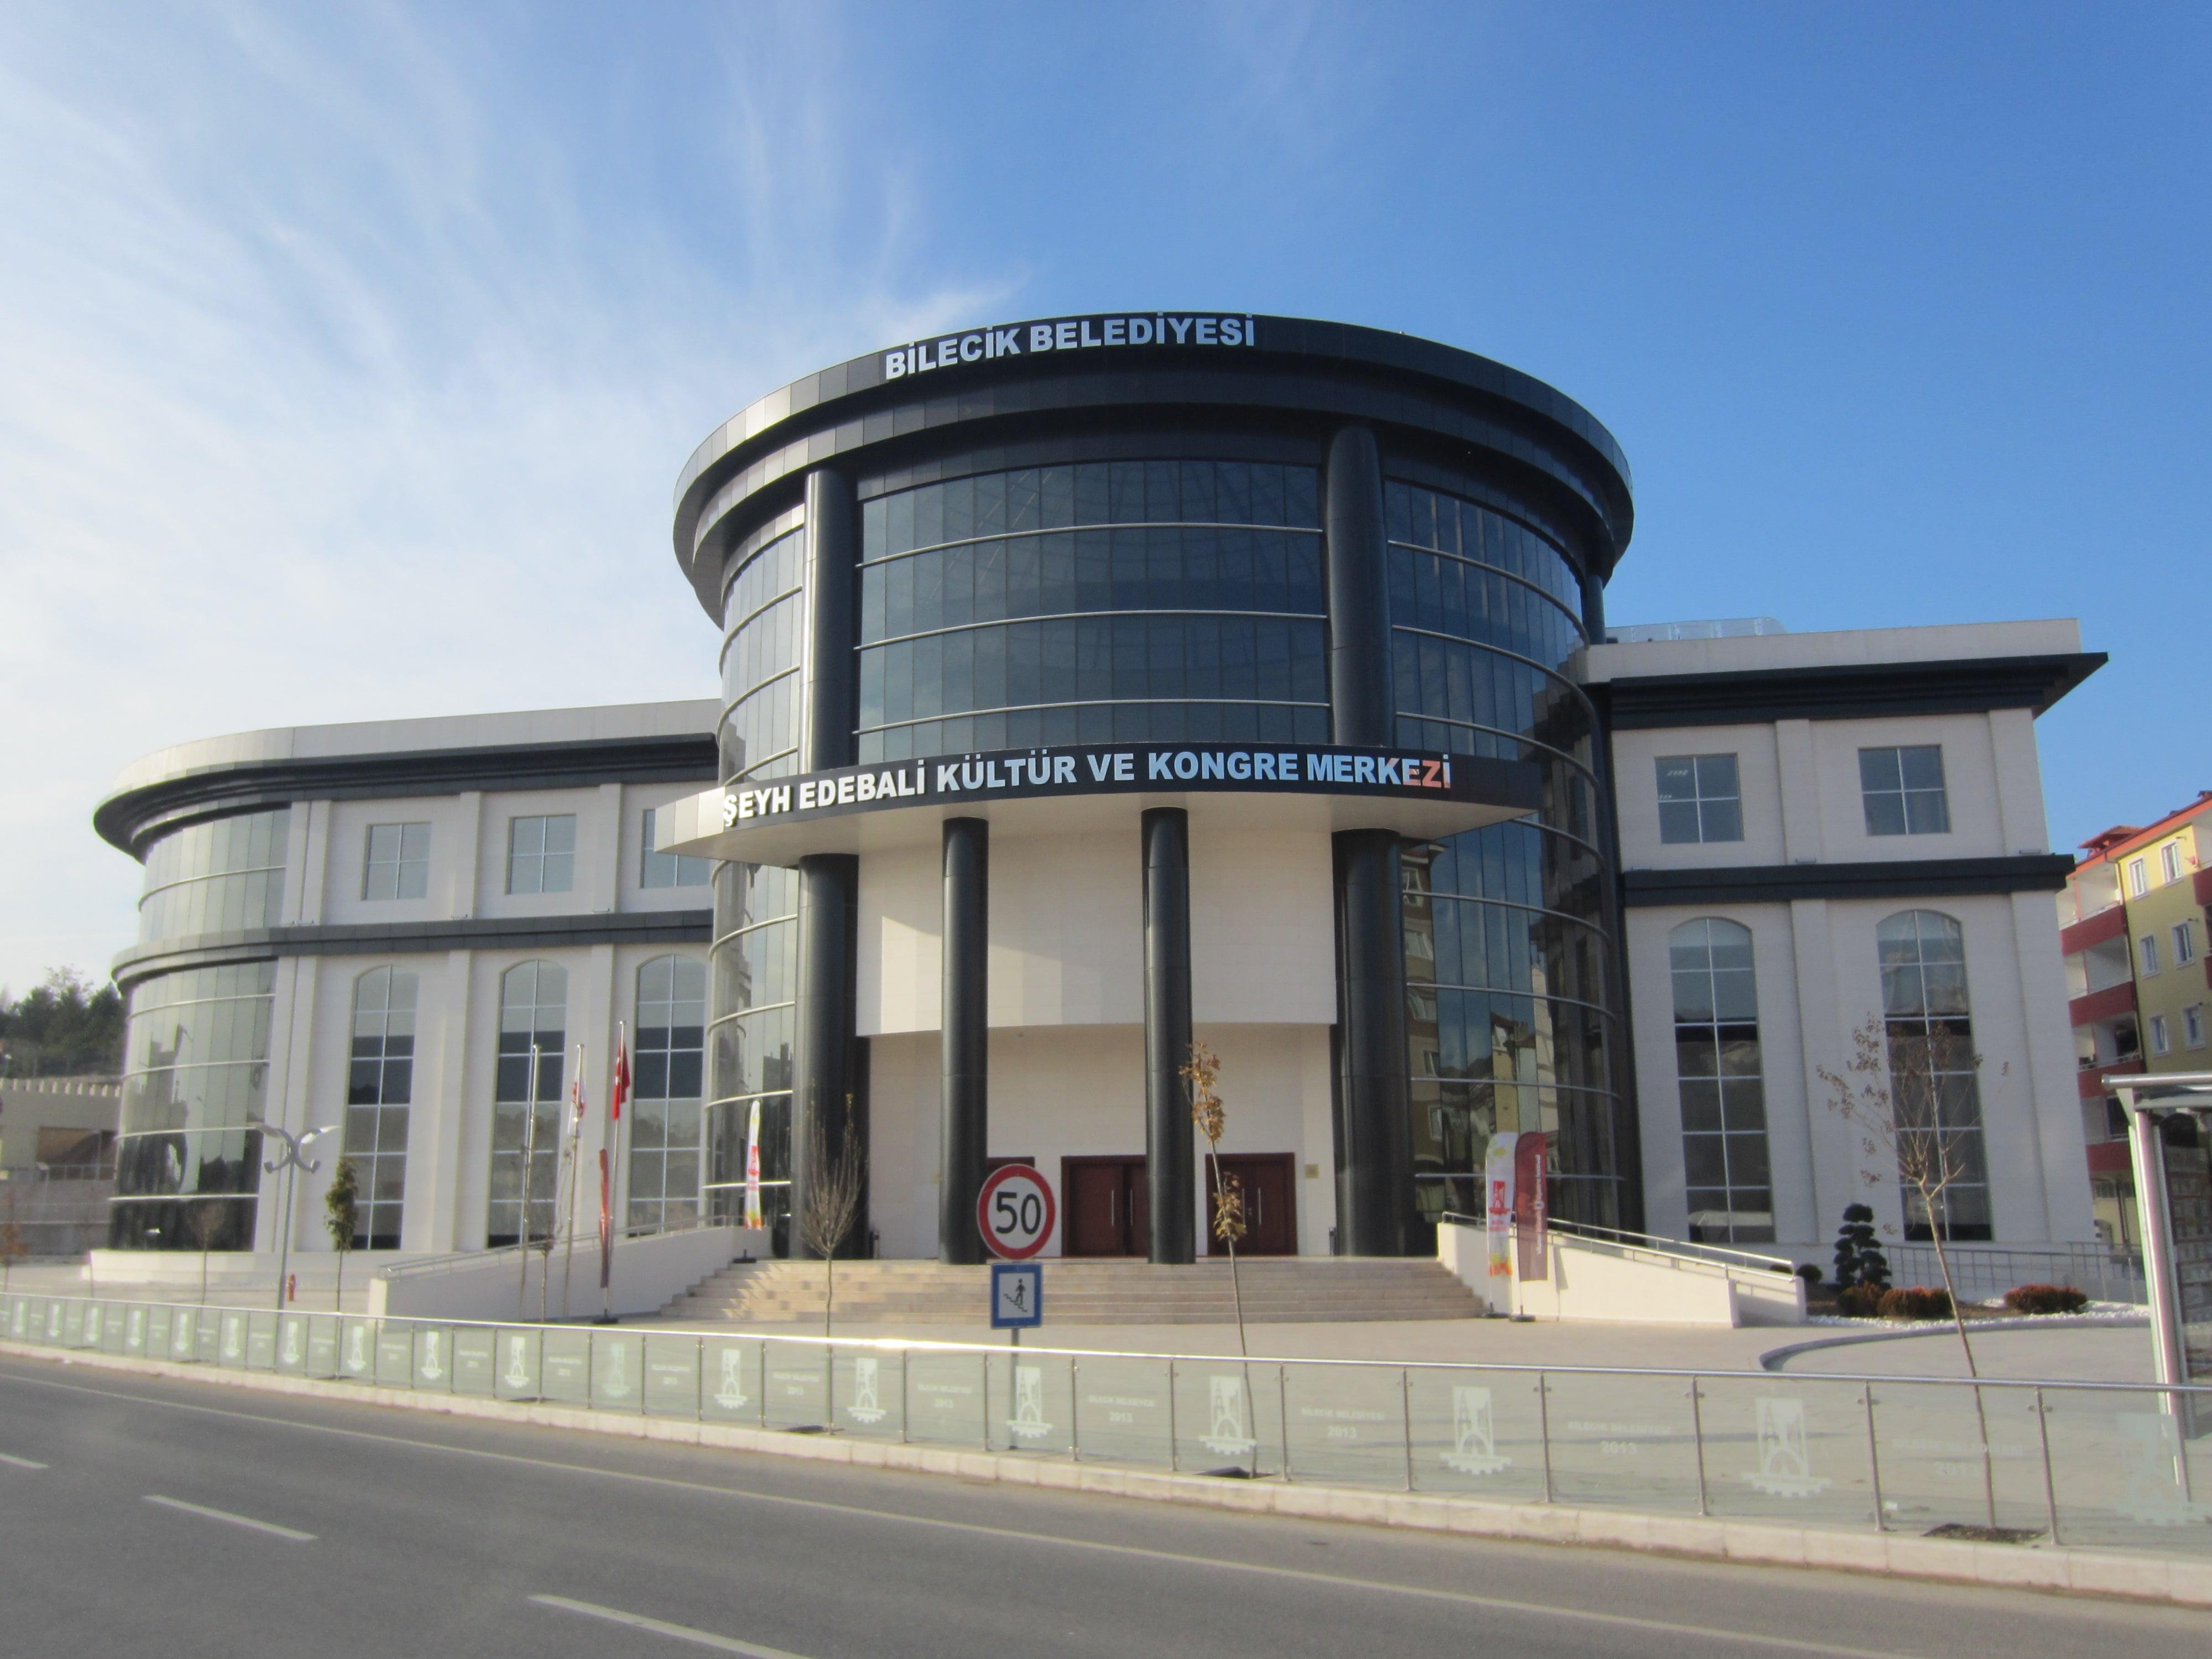 Bilecik şeyh Edebali Kültür Ve Kongre Merkezi